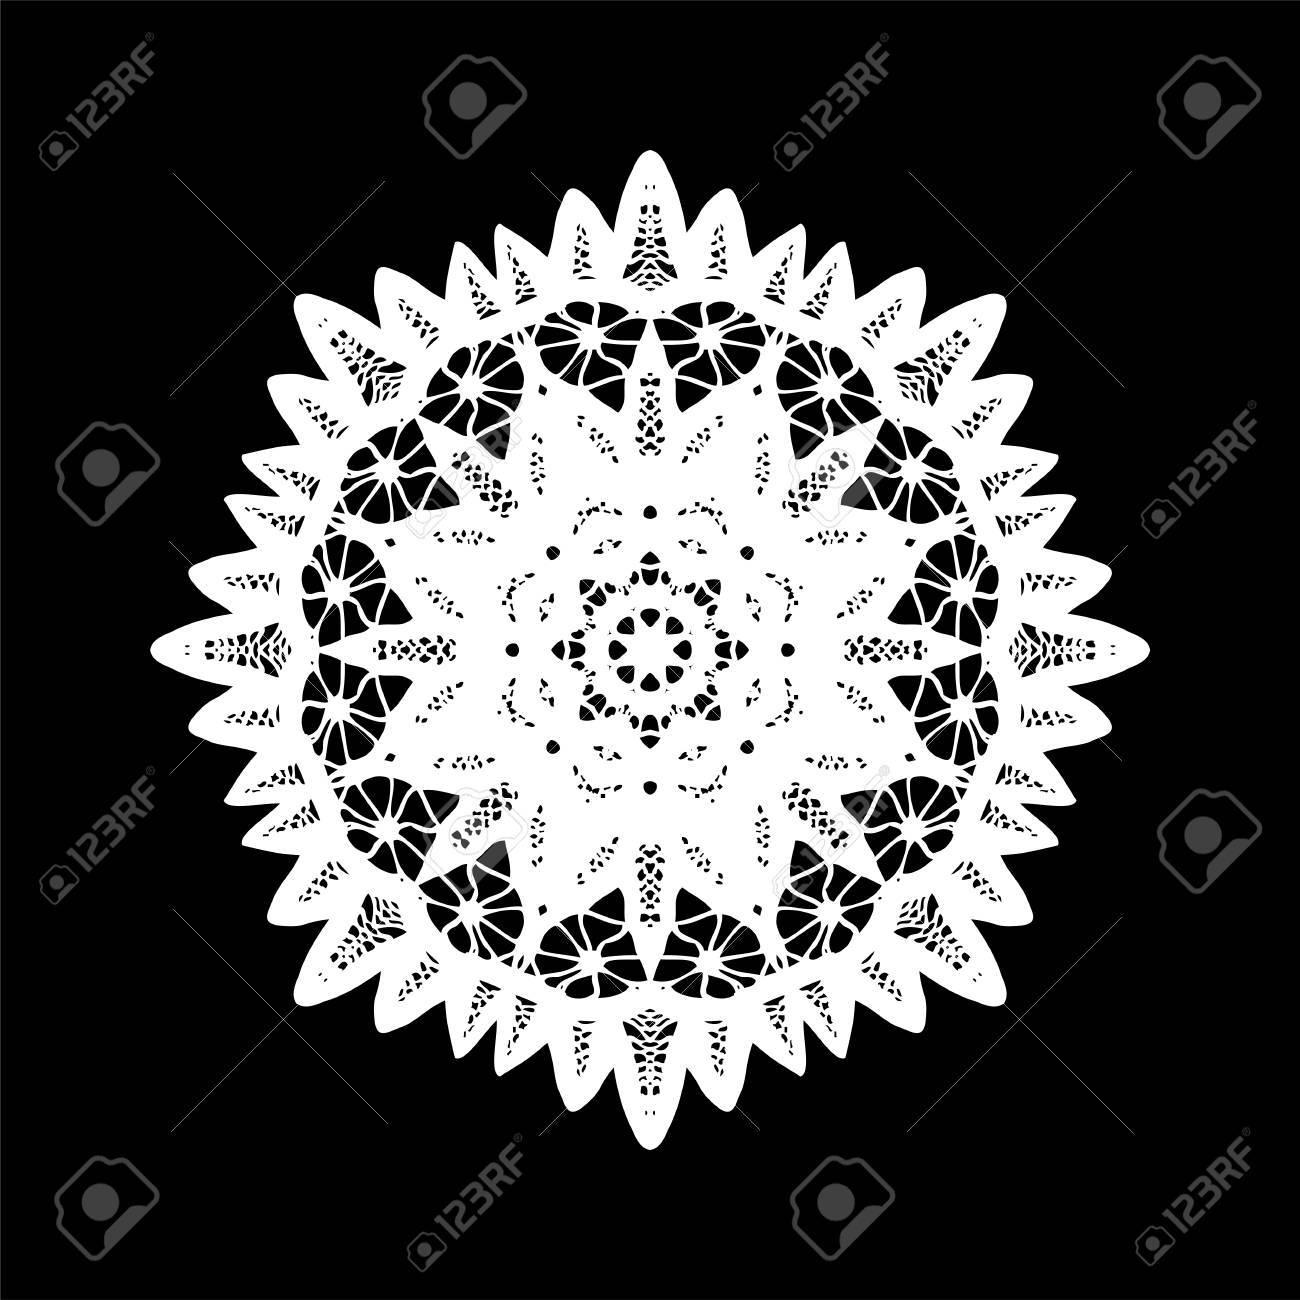 Kleedje Haken Decor Element Vector Illustratie Royalty Vrije